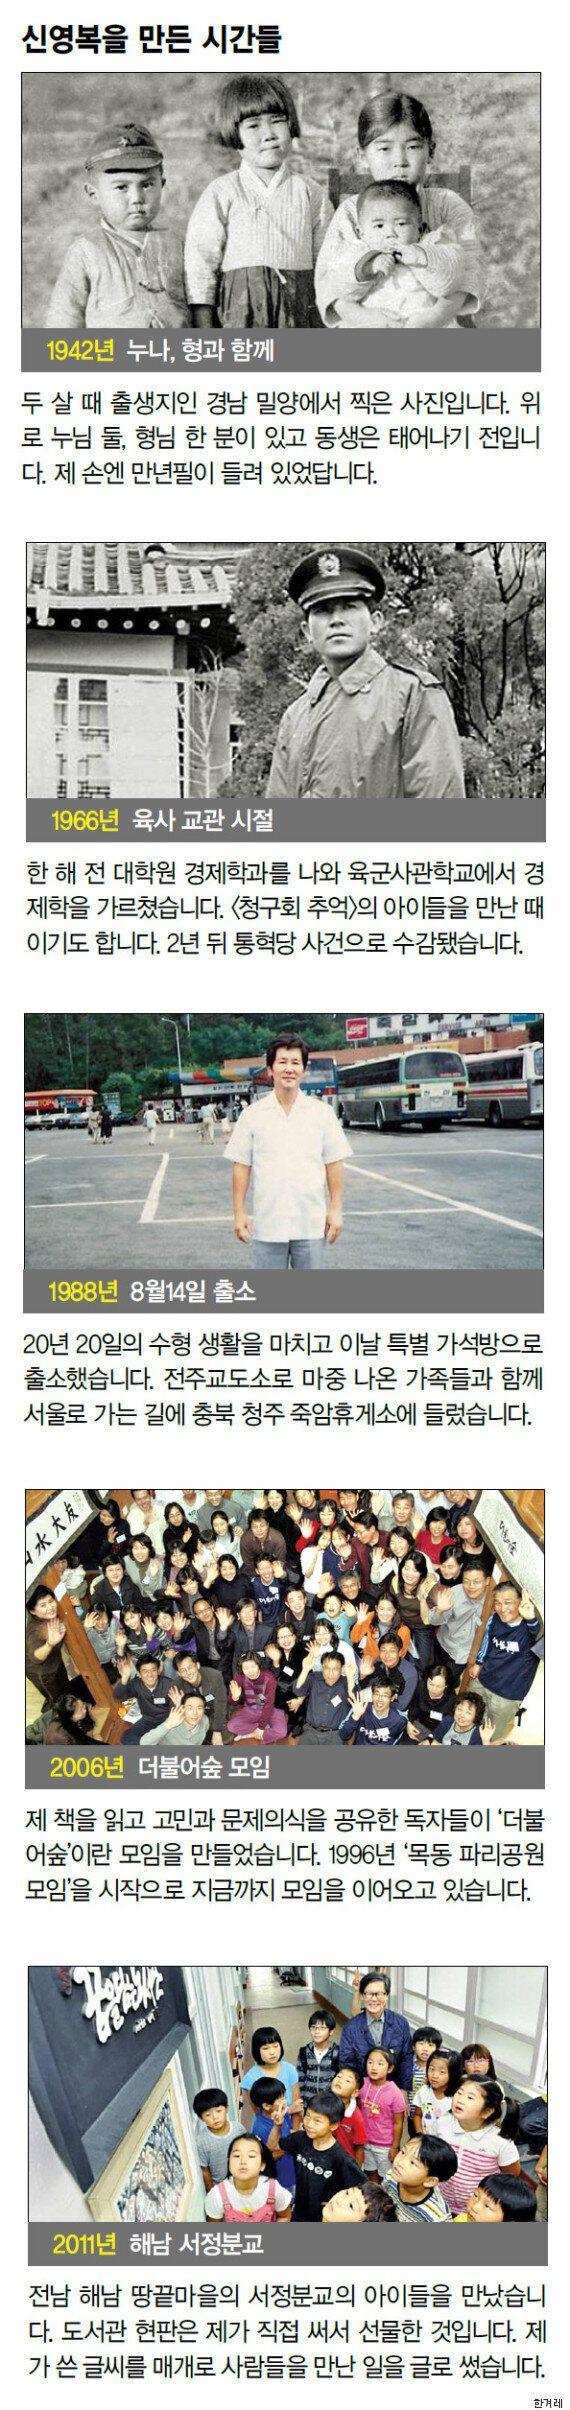 [인터뷰] 신영복의 마지막